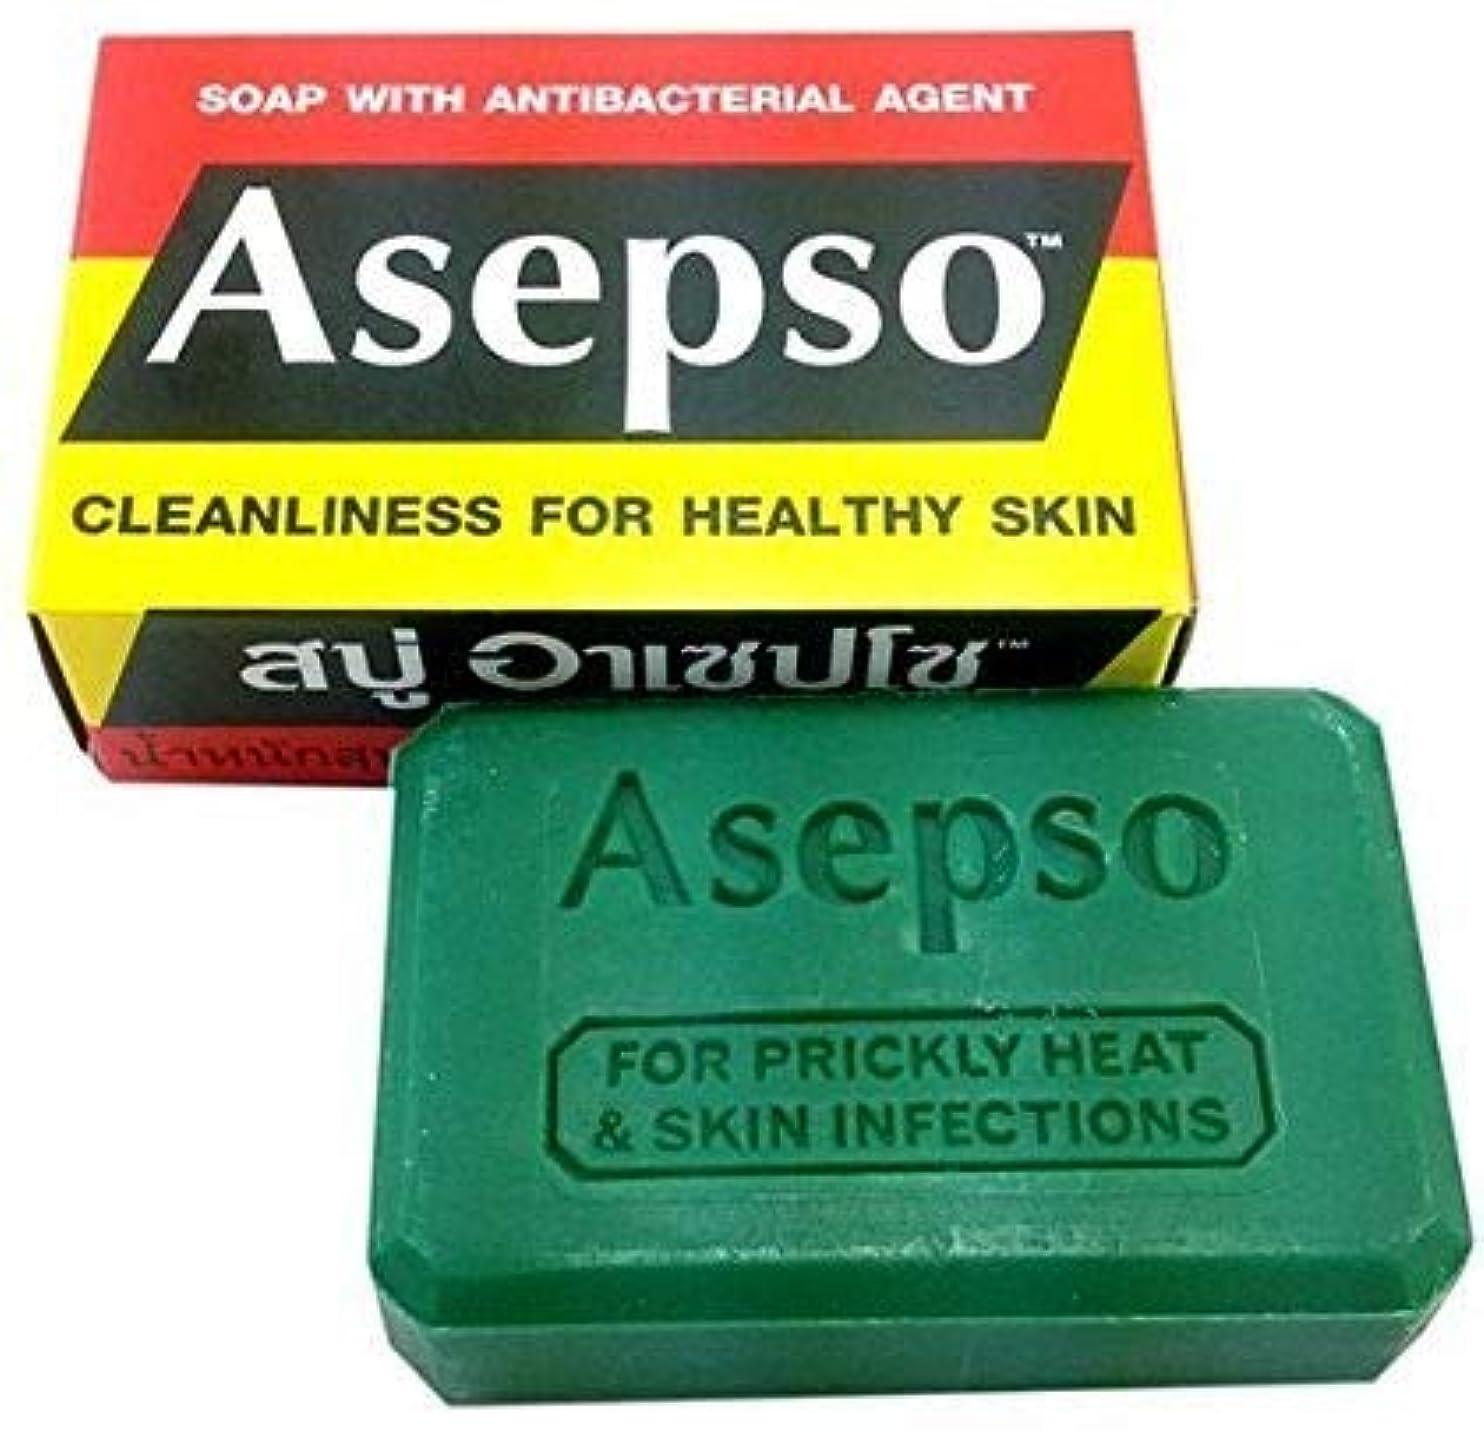 マトン裏切る式Ni Yom Thai shop Asepso Soap with Antibacterial Agent 80 Grams